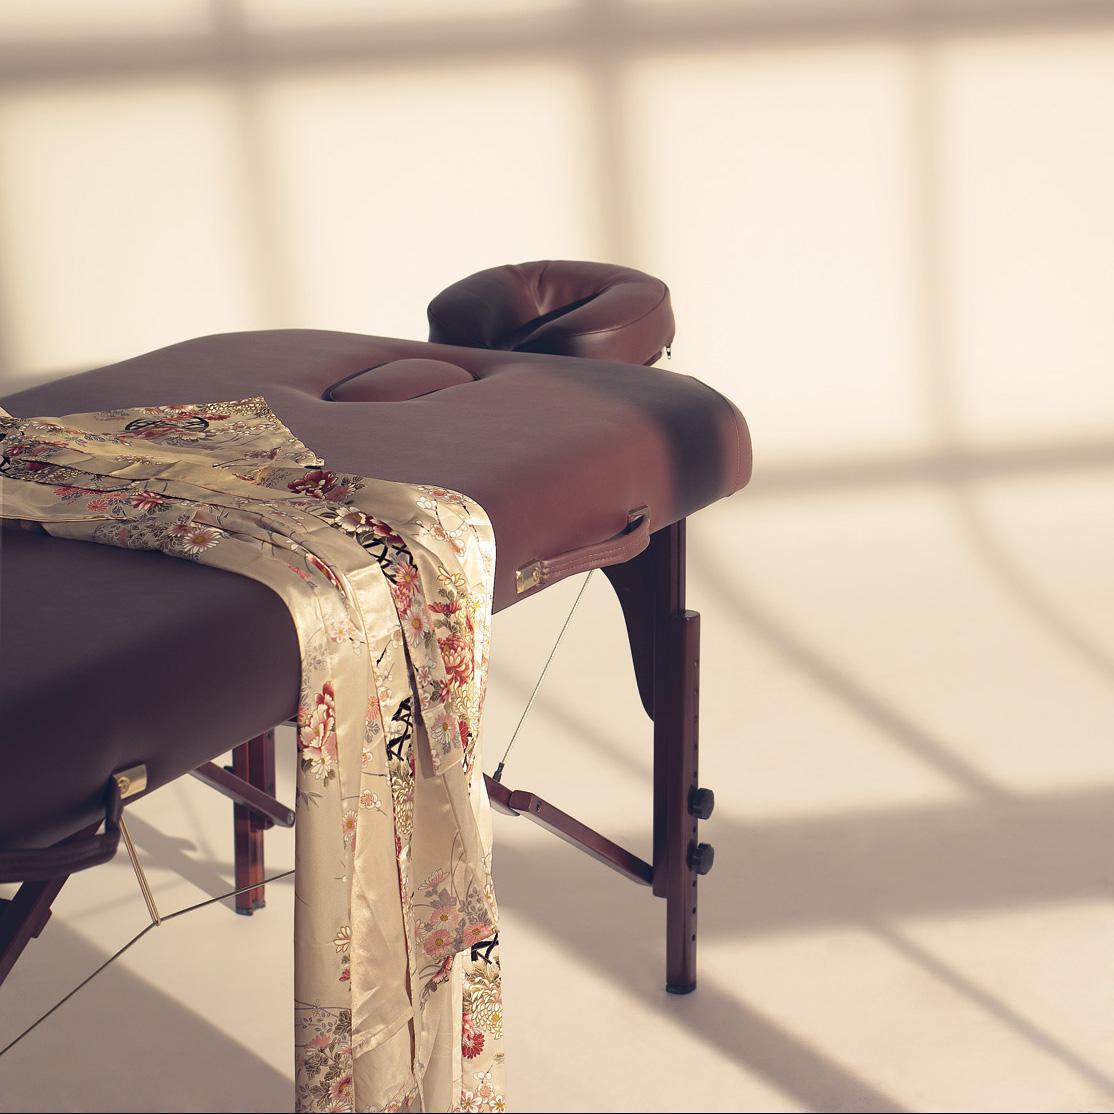 Table Découvertes Table Découvertes MassageNatureamp; MassageNatureamp; De De De Table De MassageNatureamp; Table Découvertes MassageNatureamp; QrdoeCxBW